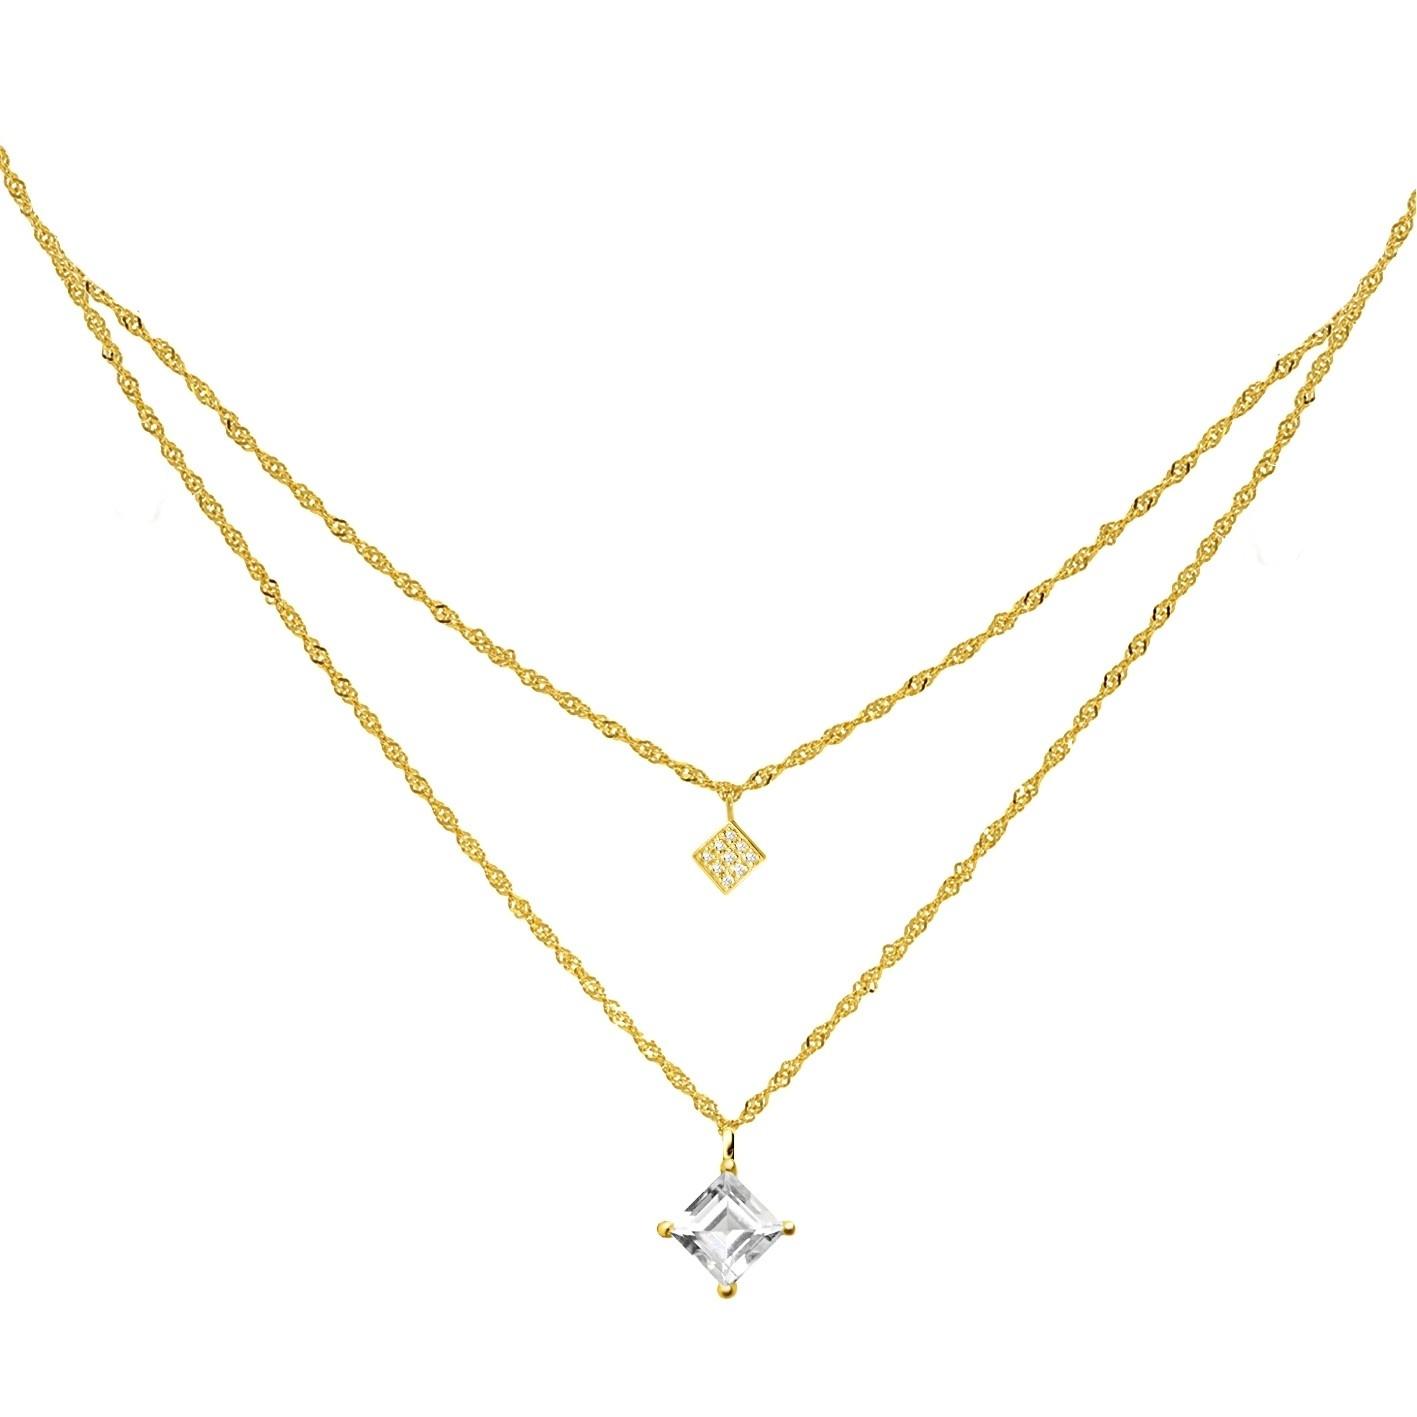 Diamanti per tutti Diamanti per tutti - Evermore Necklace